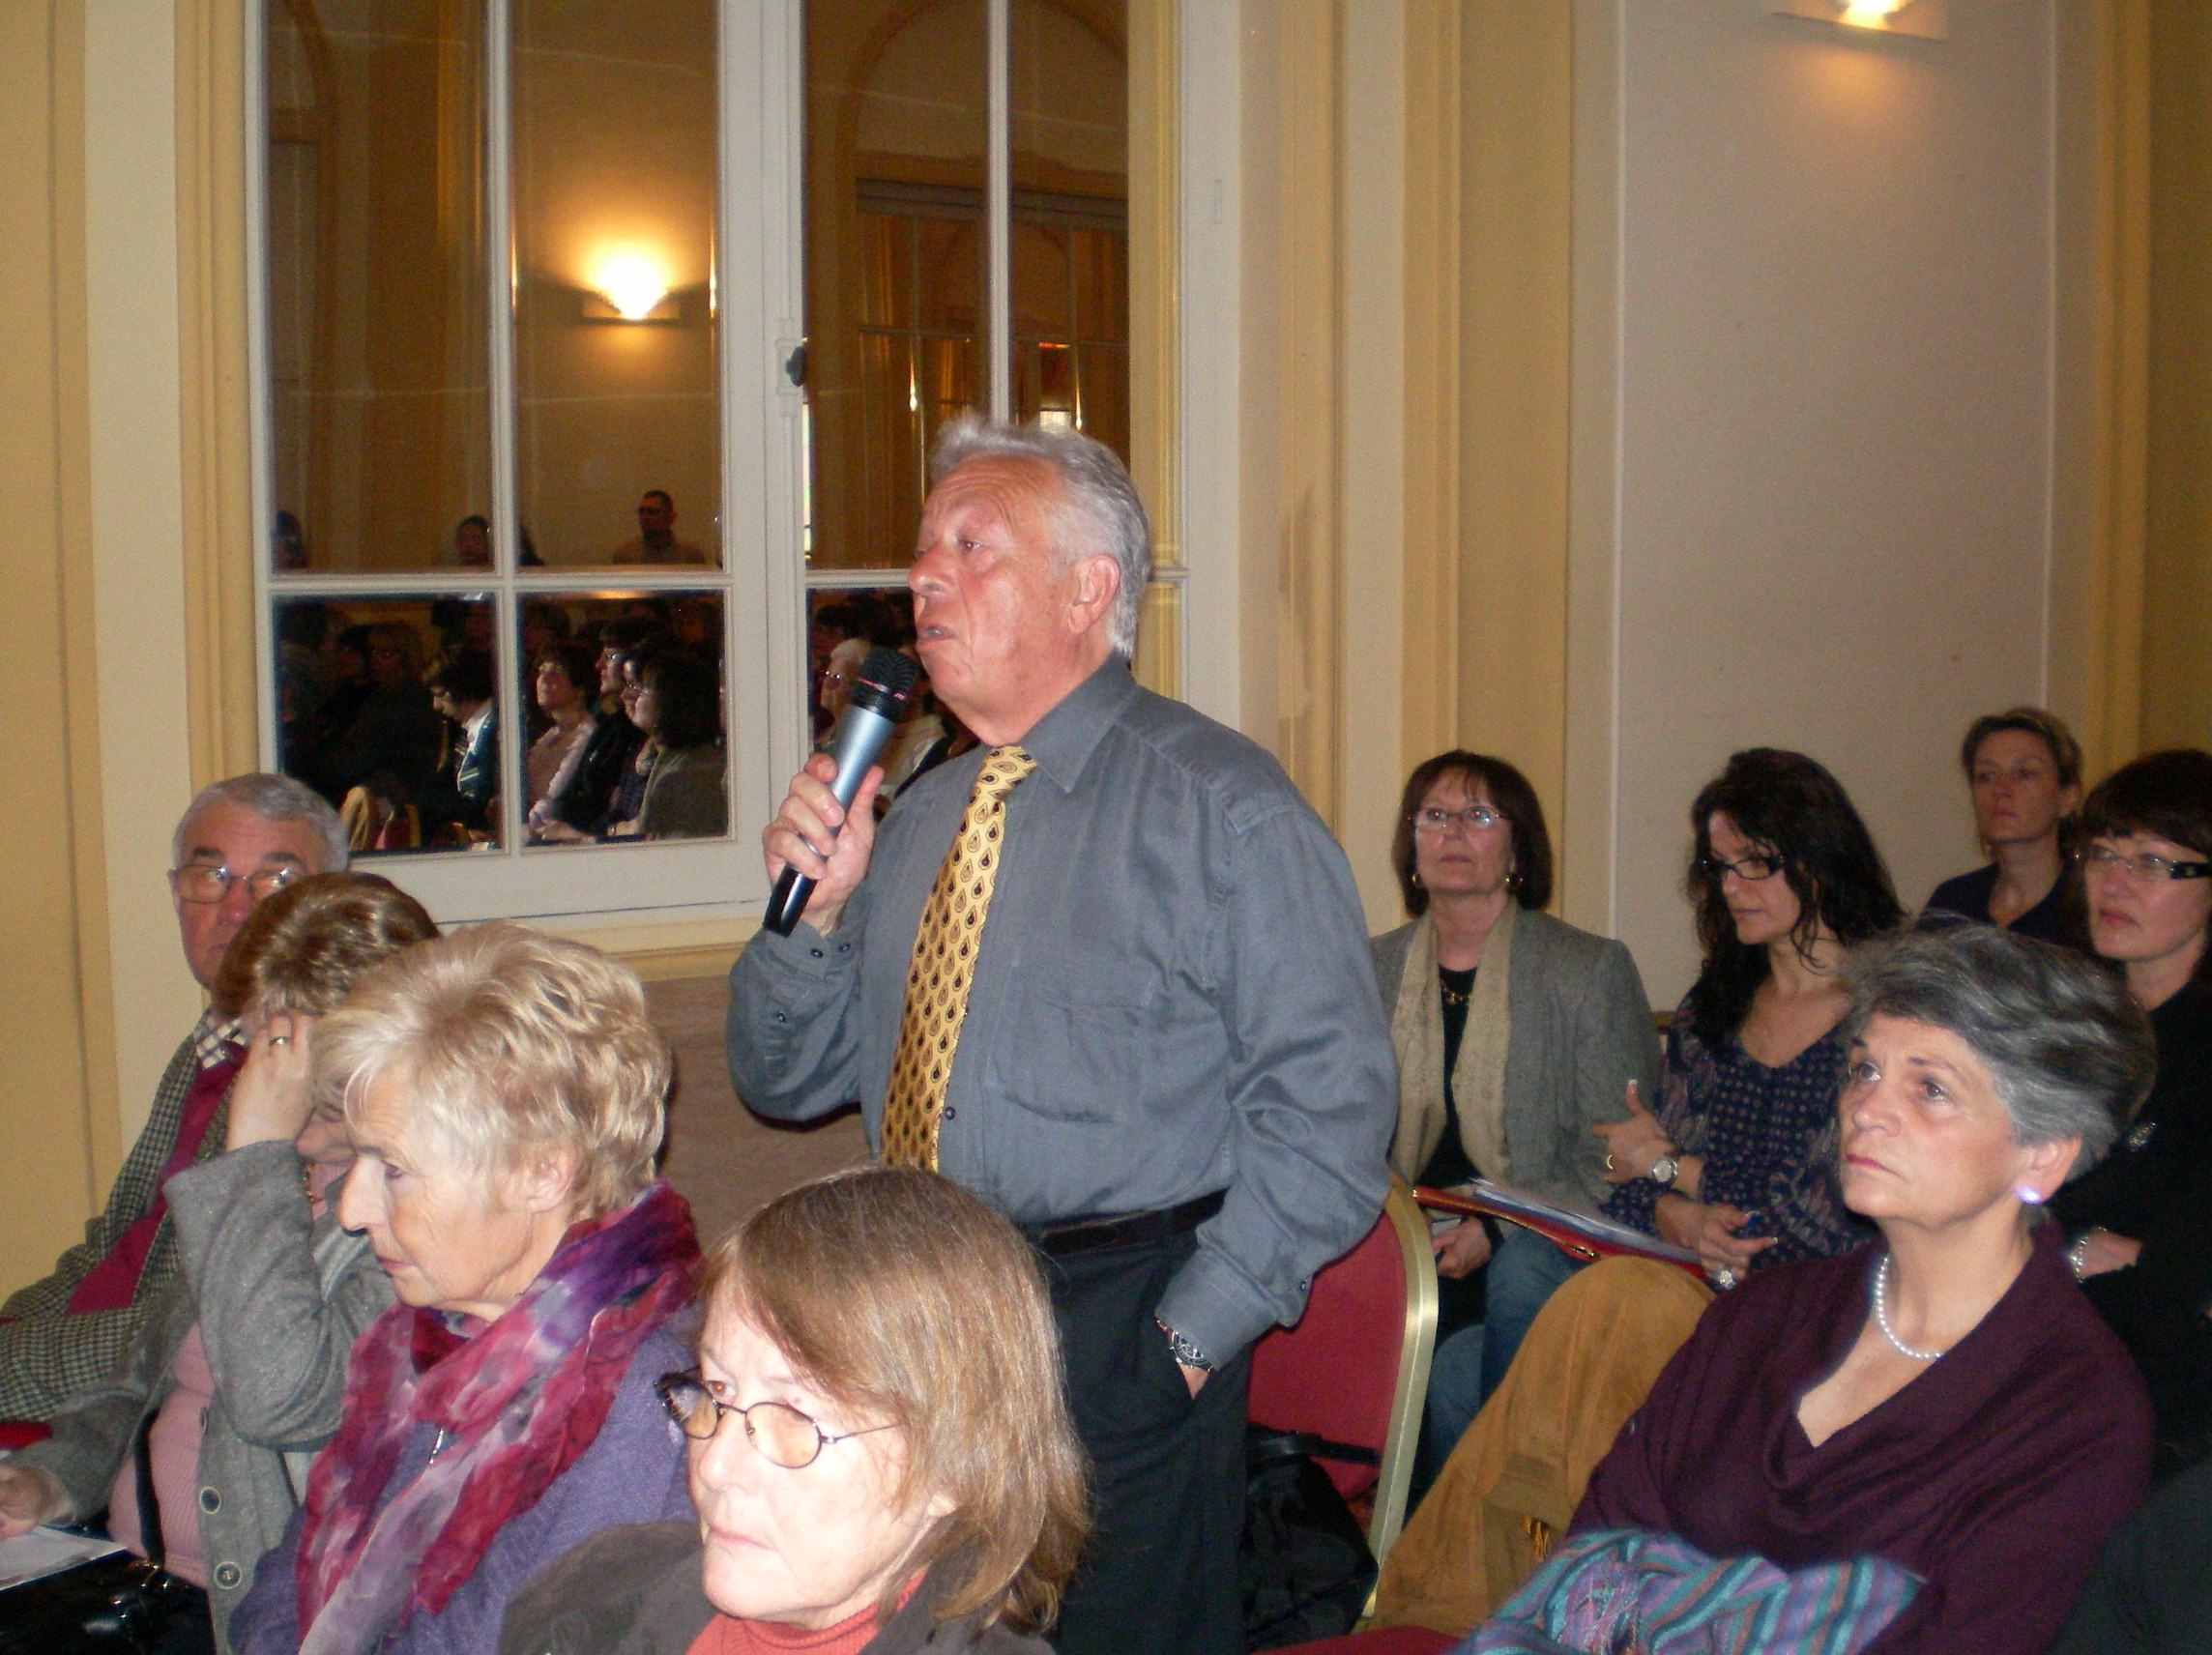 Question de Roger Roche, past président d'ACS